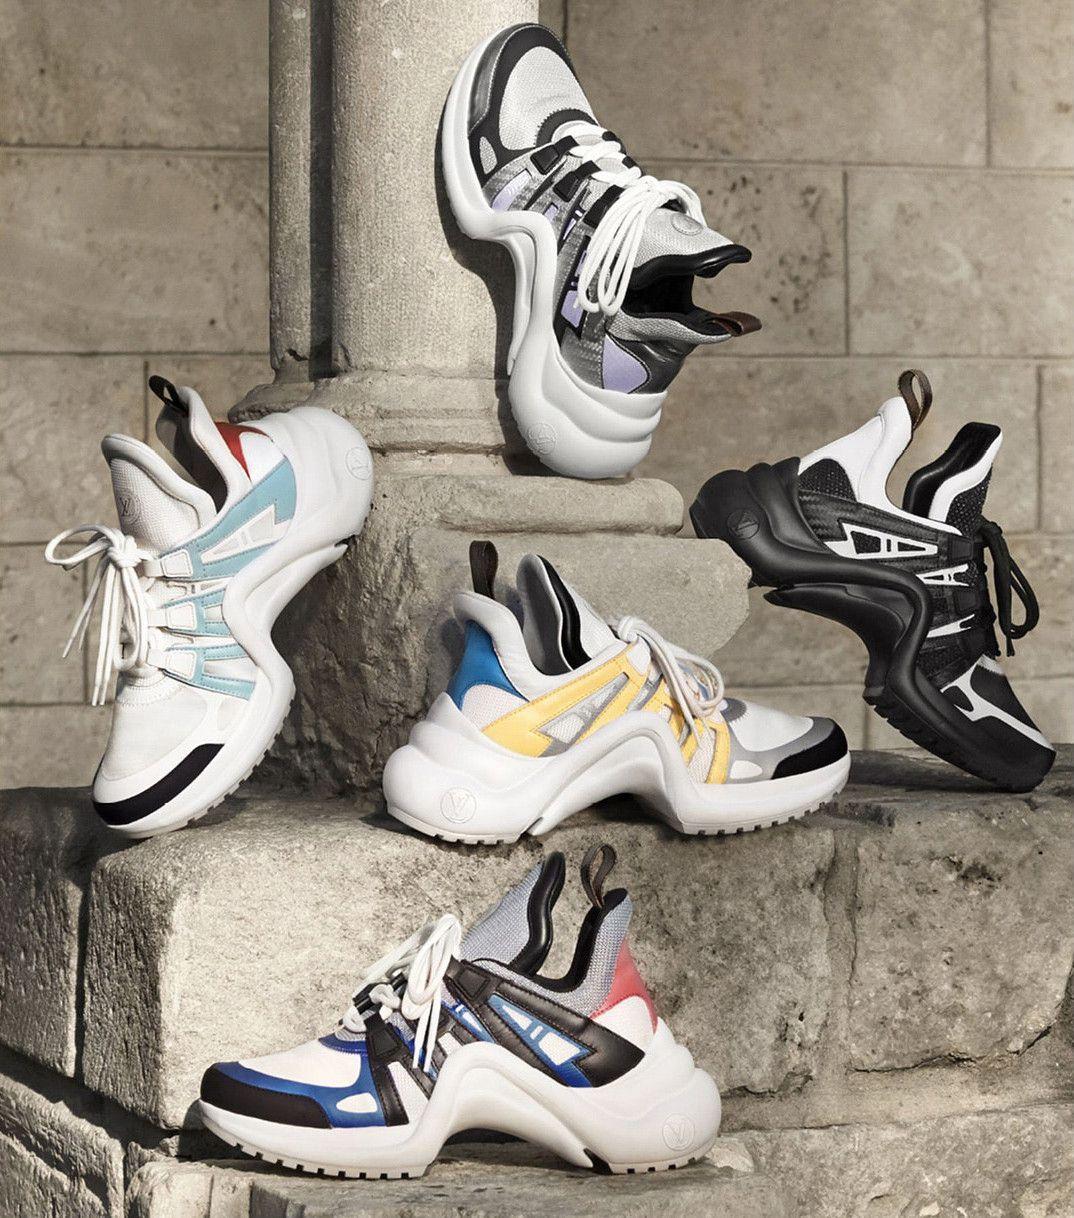 4a74c12981c Louis Vuitton 全新復古運動鞋 Archlight 發售詳情公開